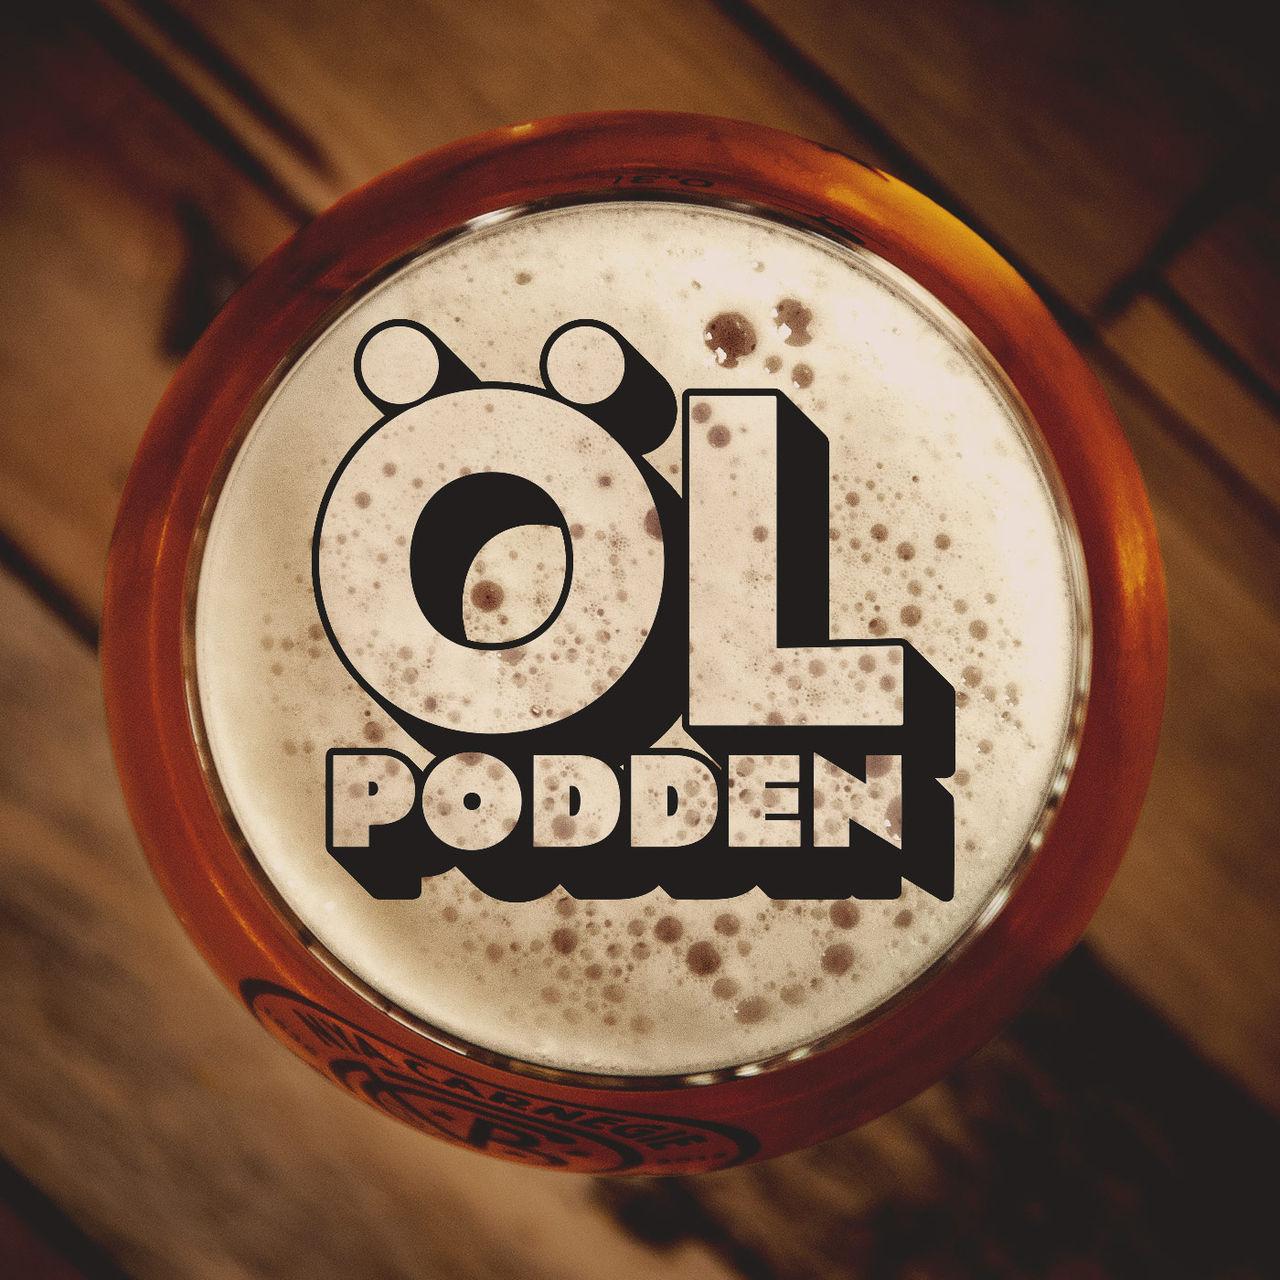 Ölpodden: Svensk podcast om öl